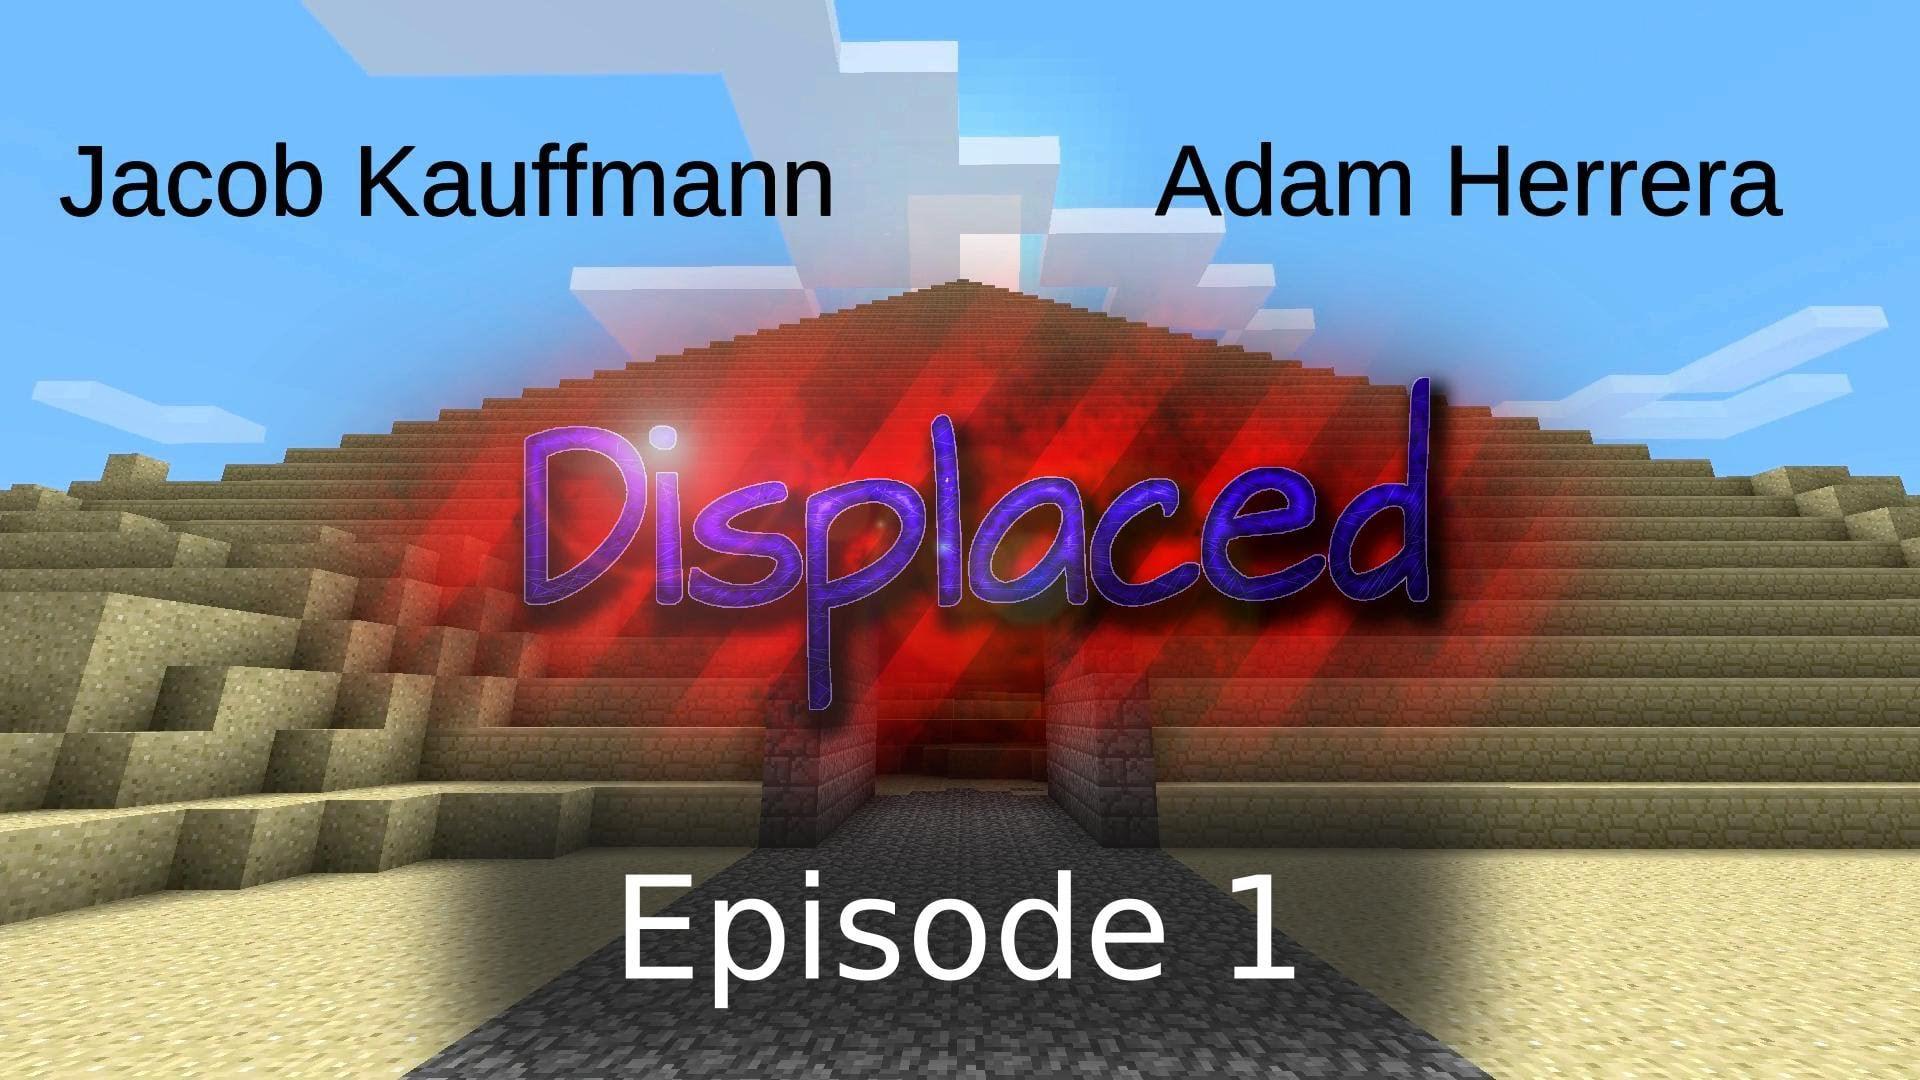 Episode 1 - Displaced